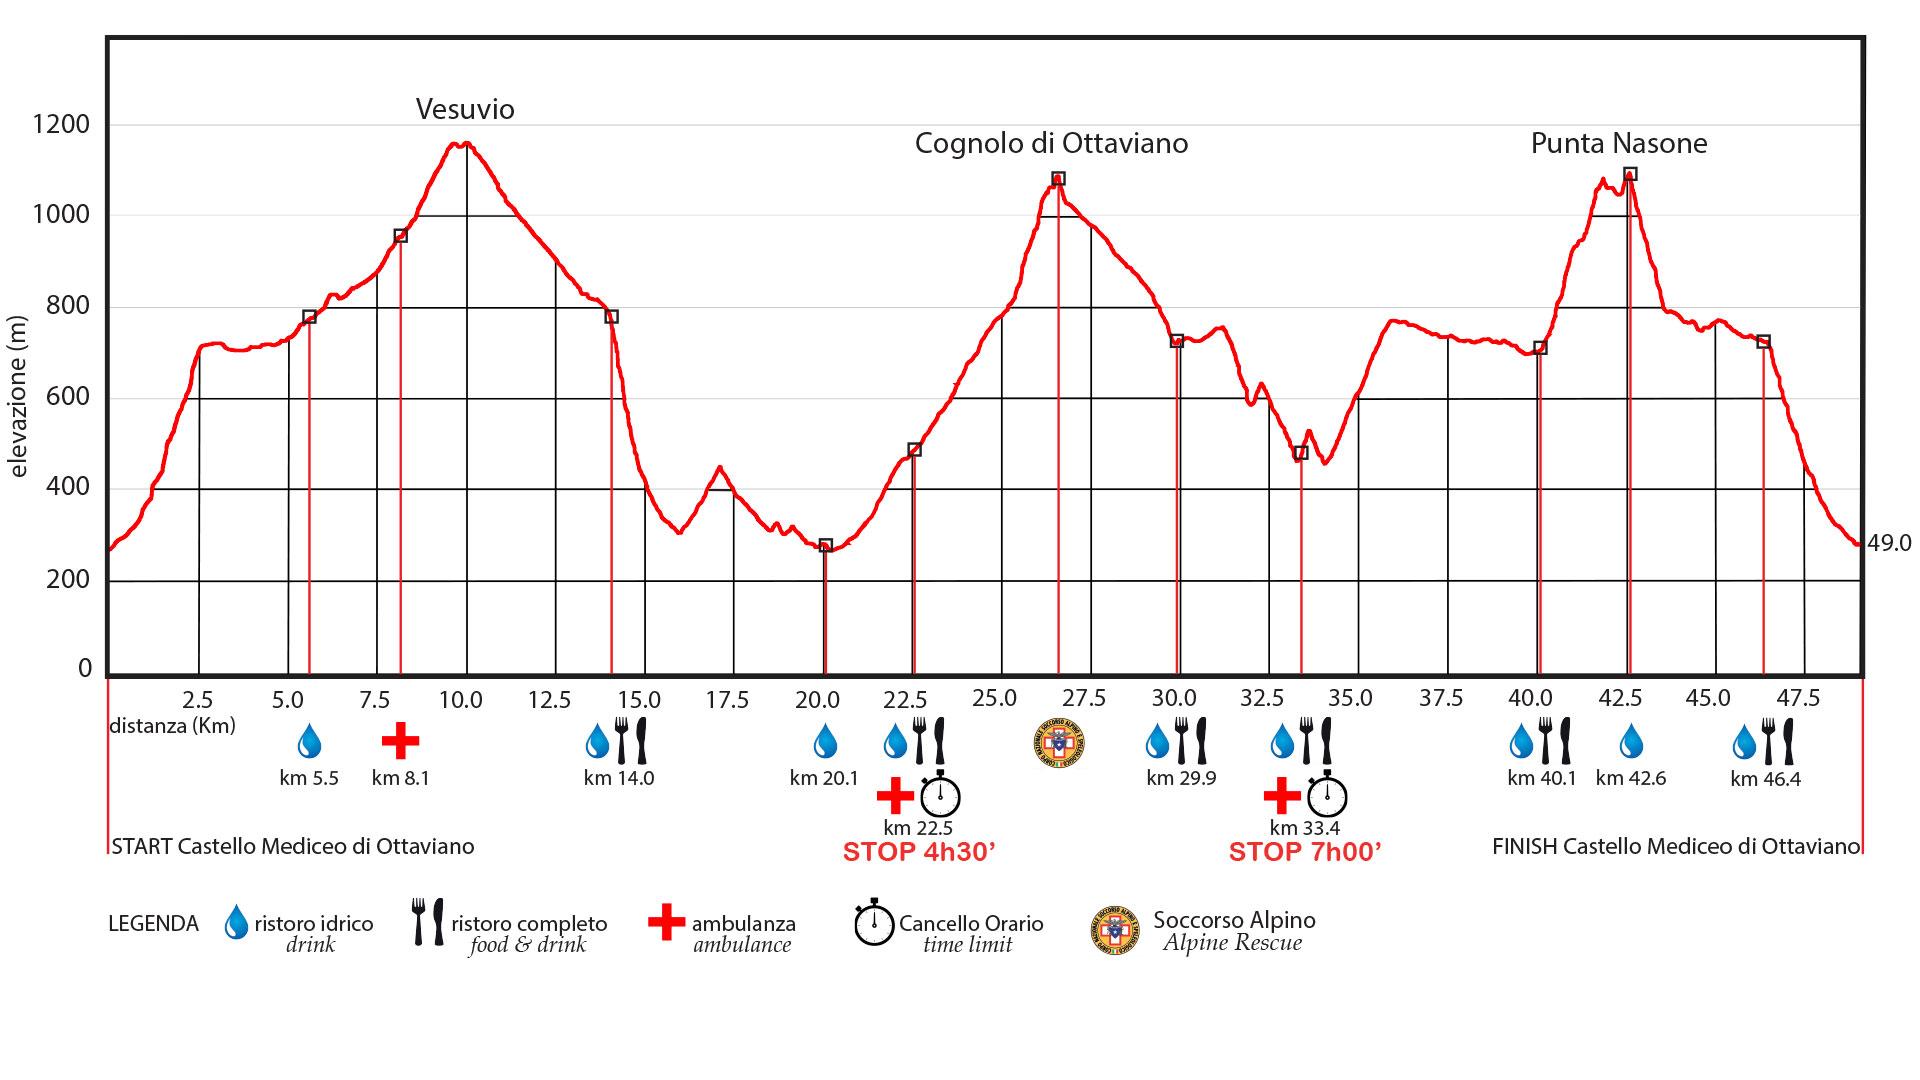 Vesuvio Ultra Marathon Altimetria